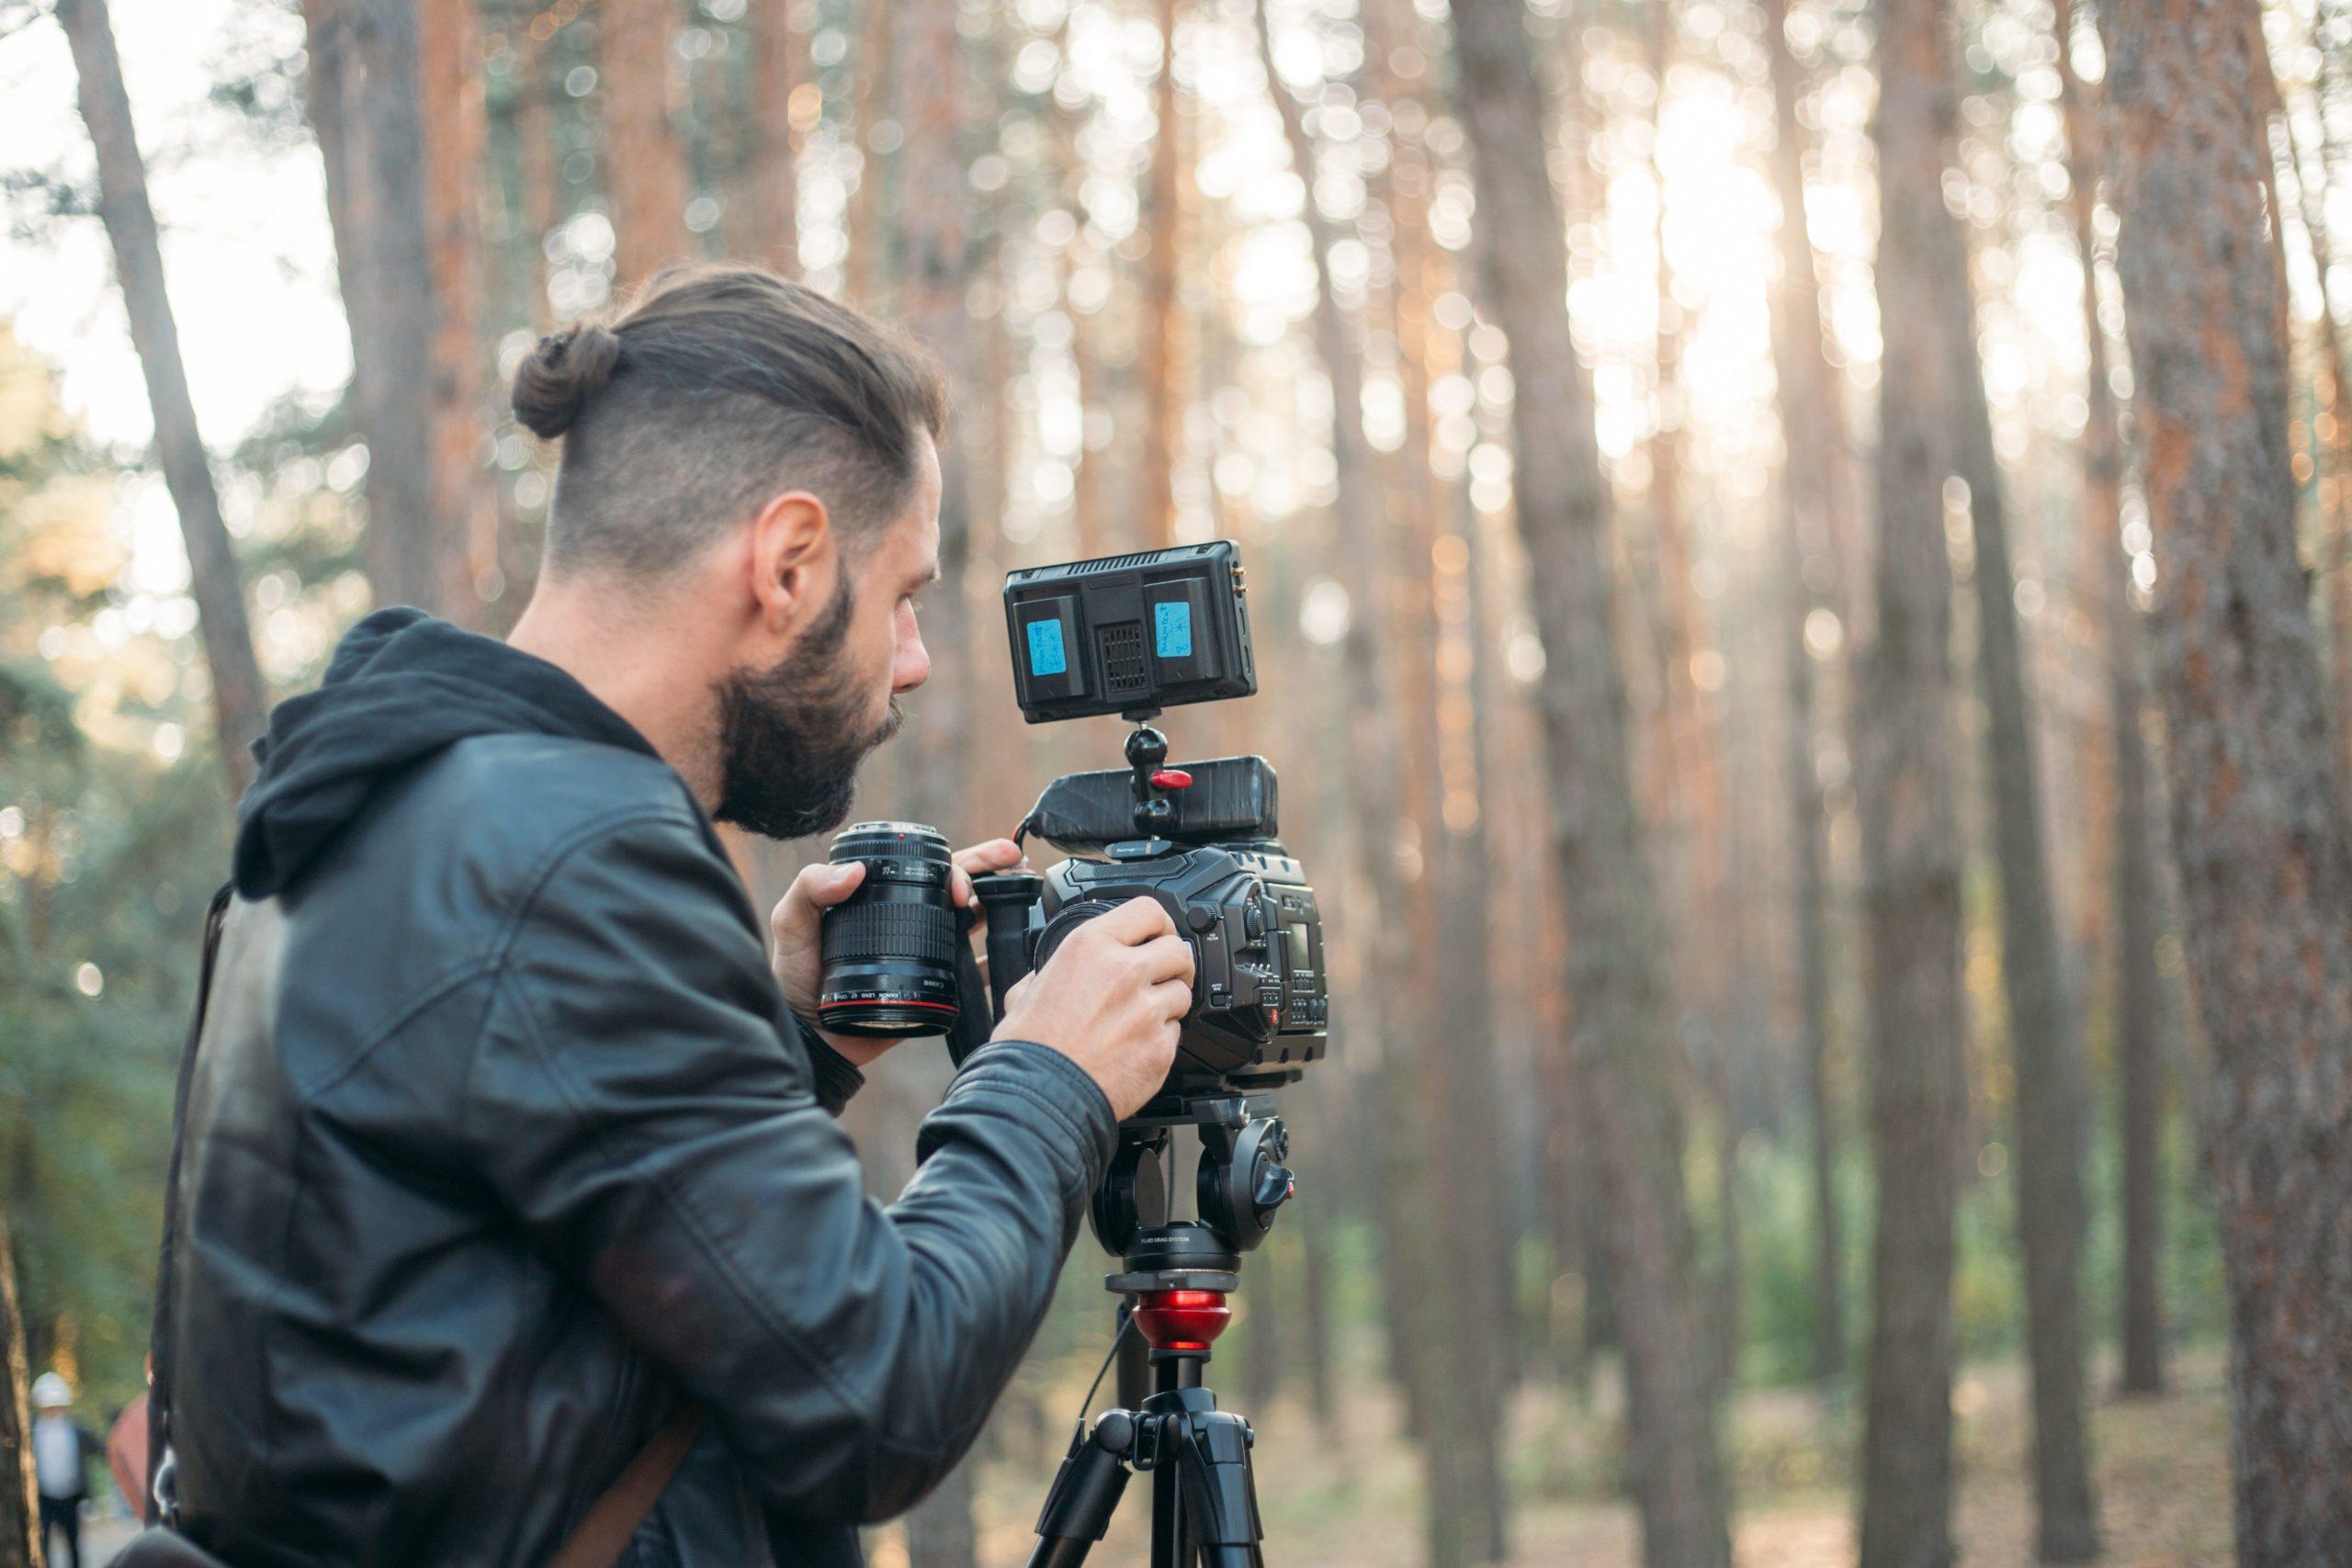 homem ajustando a câmera em um tripé no meio de um cenário de floresta